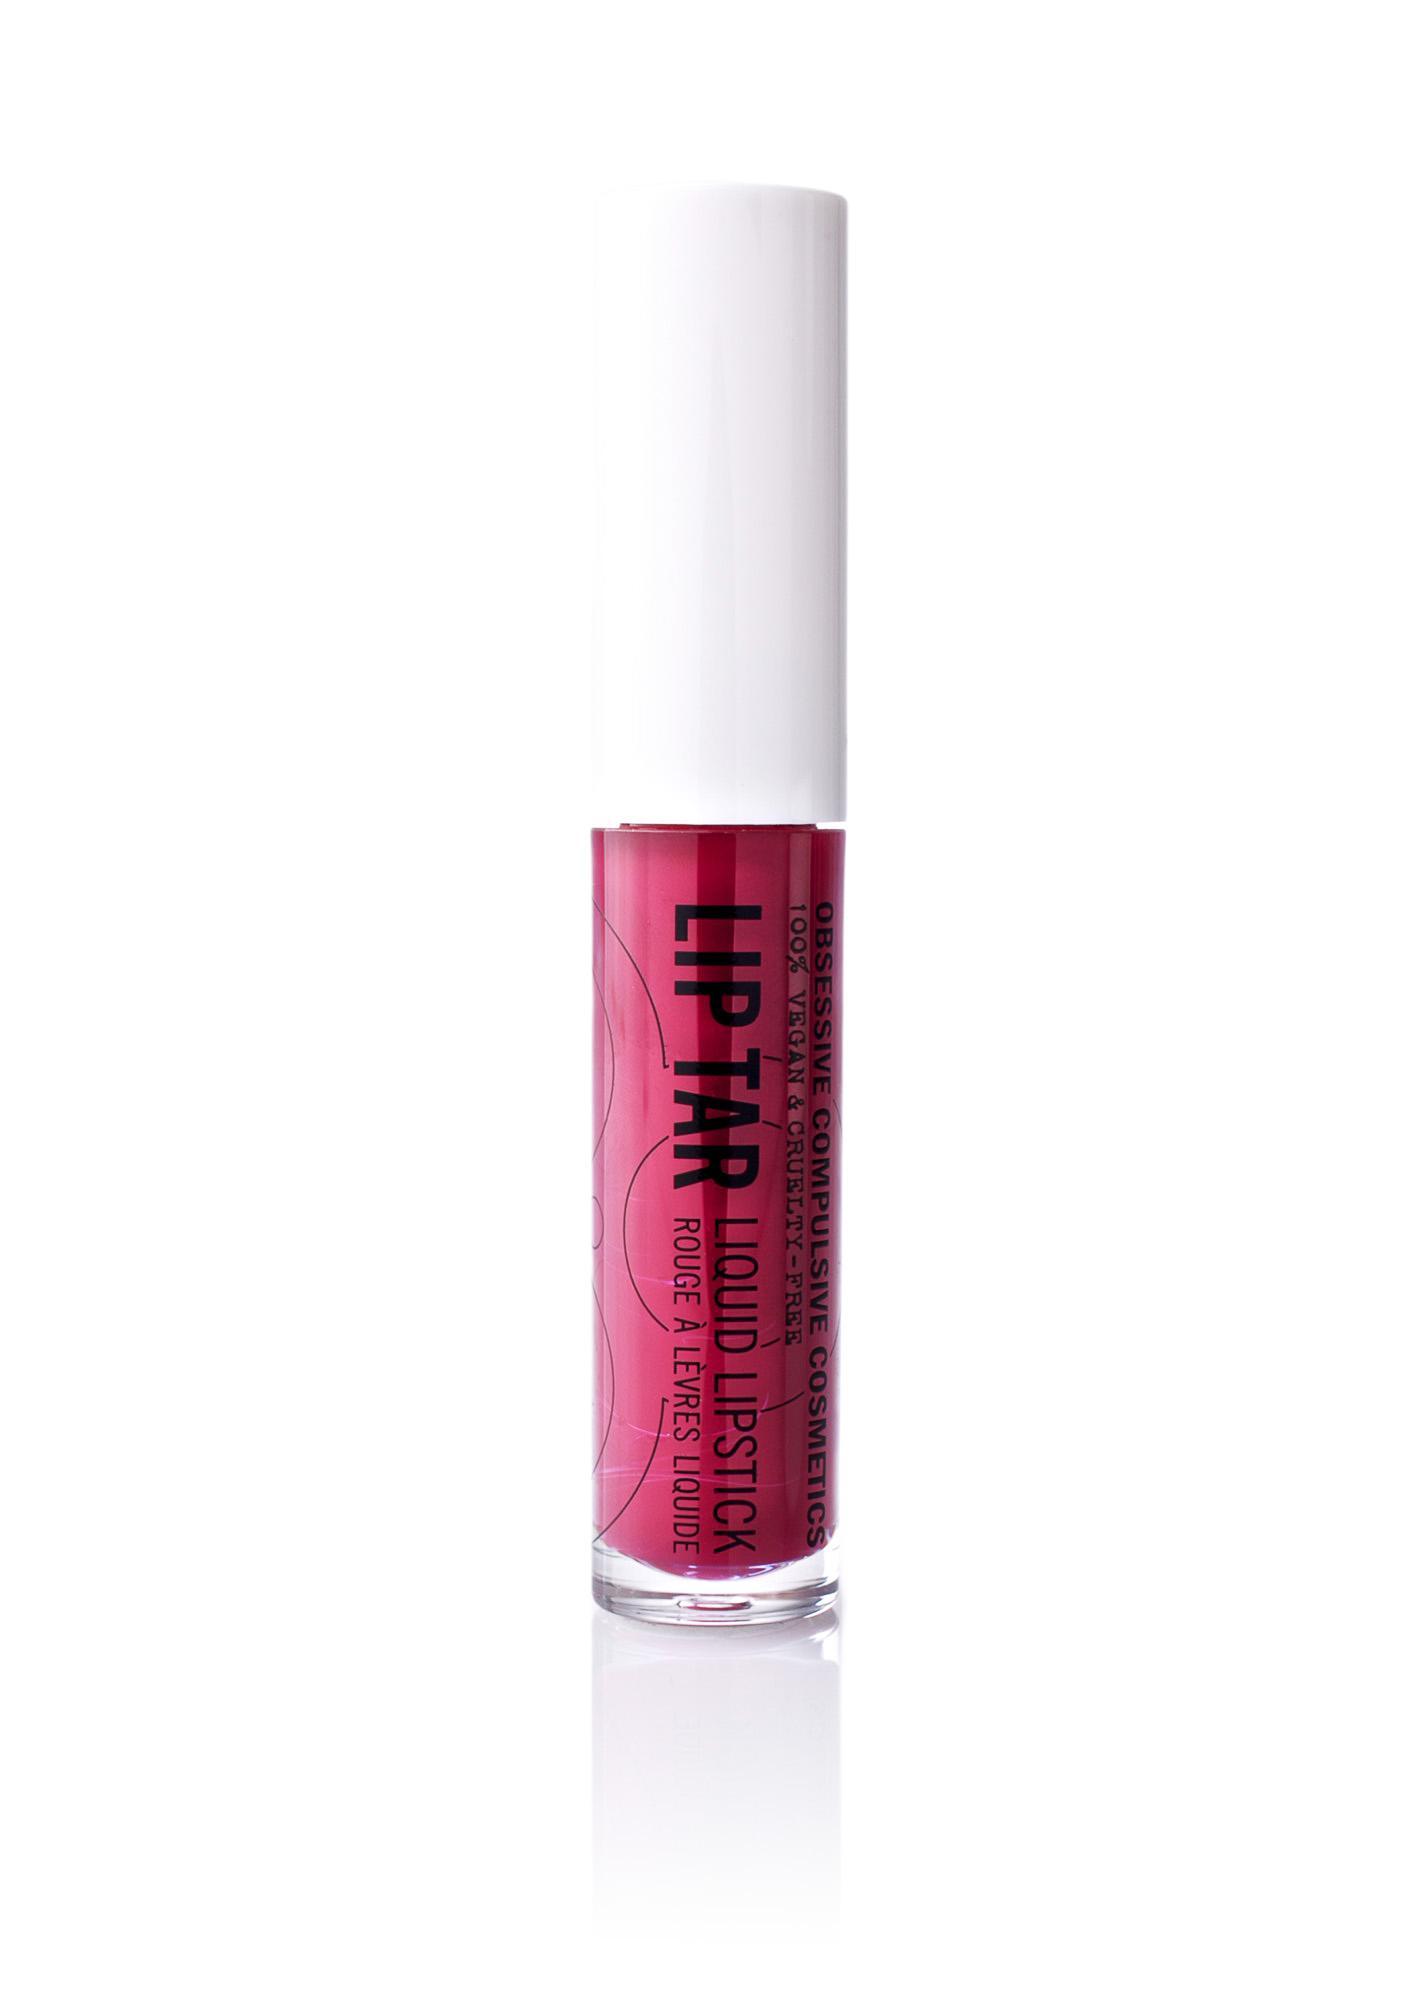 Obsessive Compulsive Cosmetics Strumpet Lip Tar